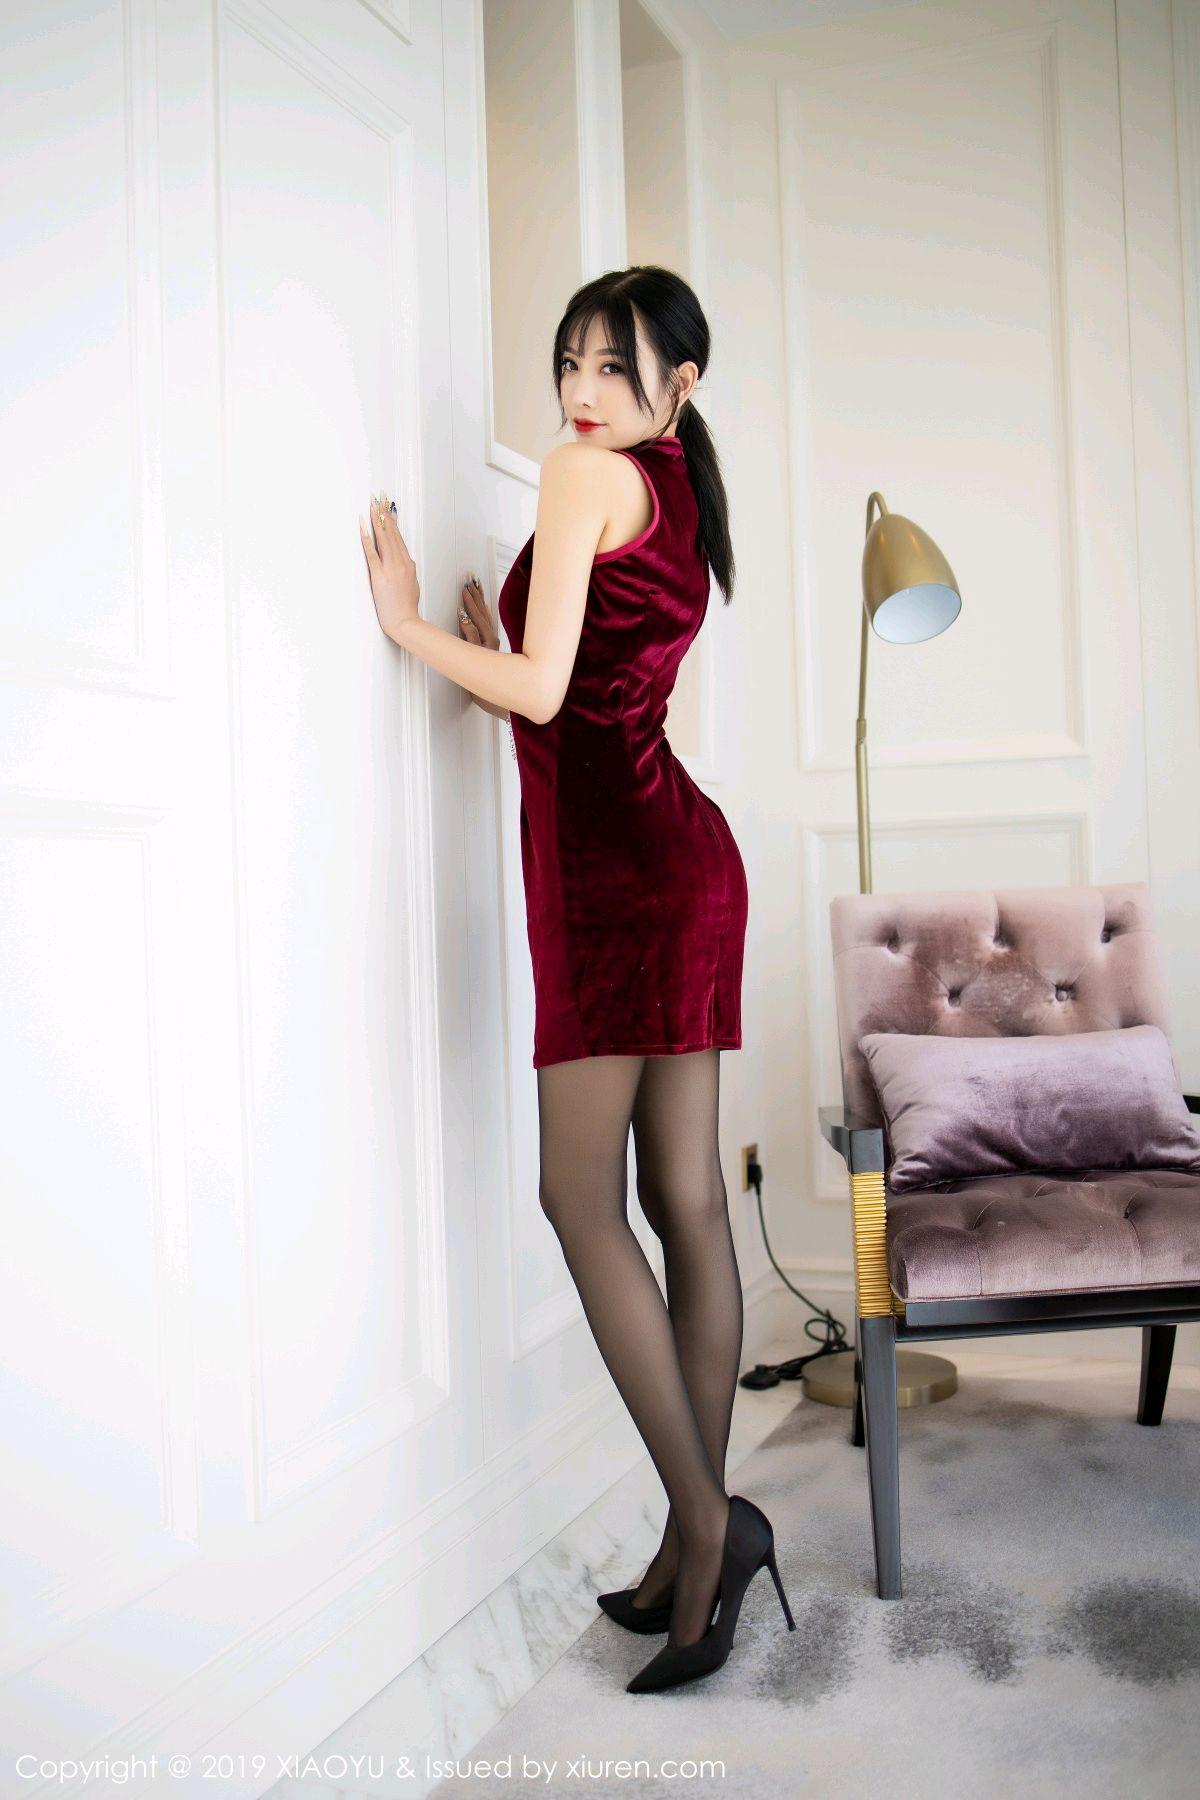 [XiaoYu] Vol.152 Yang Chen Chen 9P, Black Silk, Cheongsam, Tall, XiaoYu, Yang Chen Chen